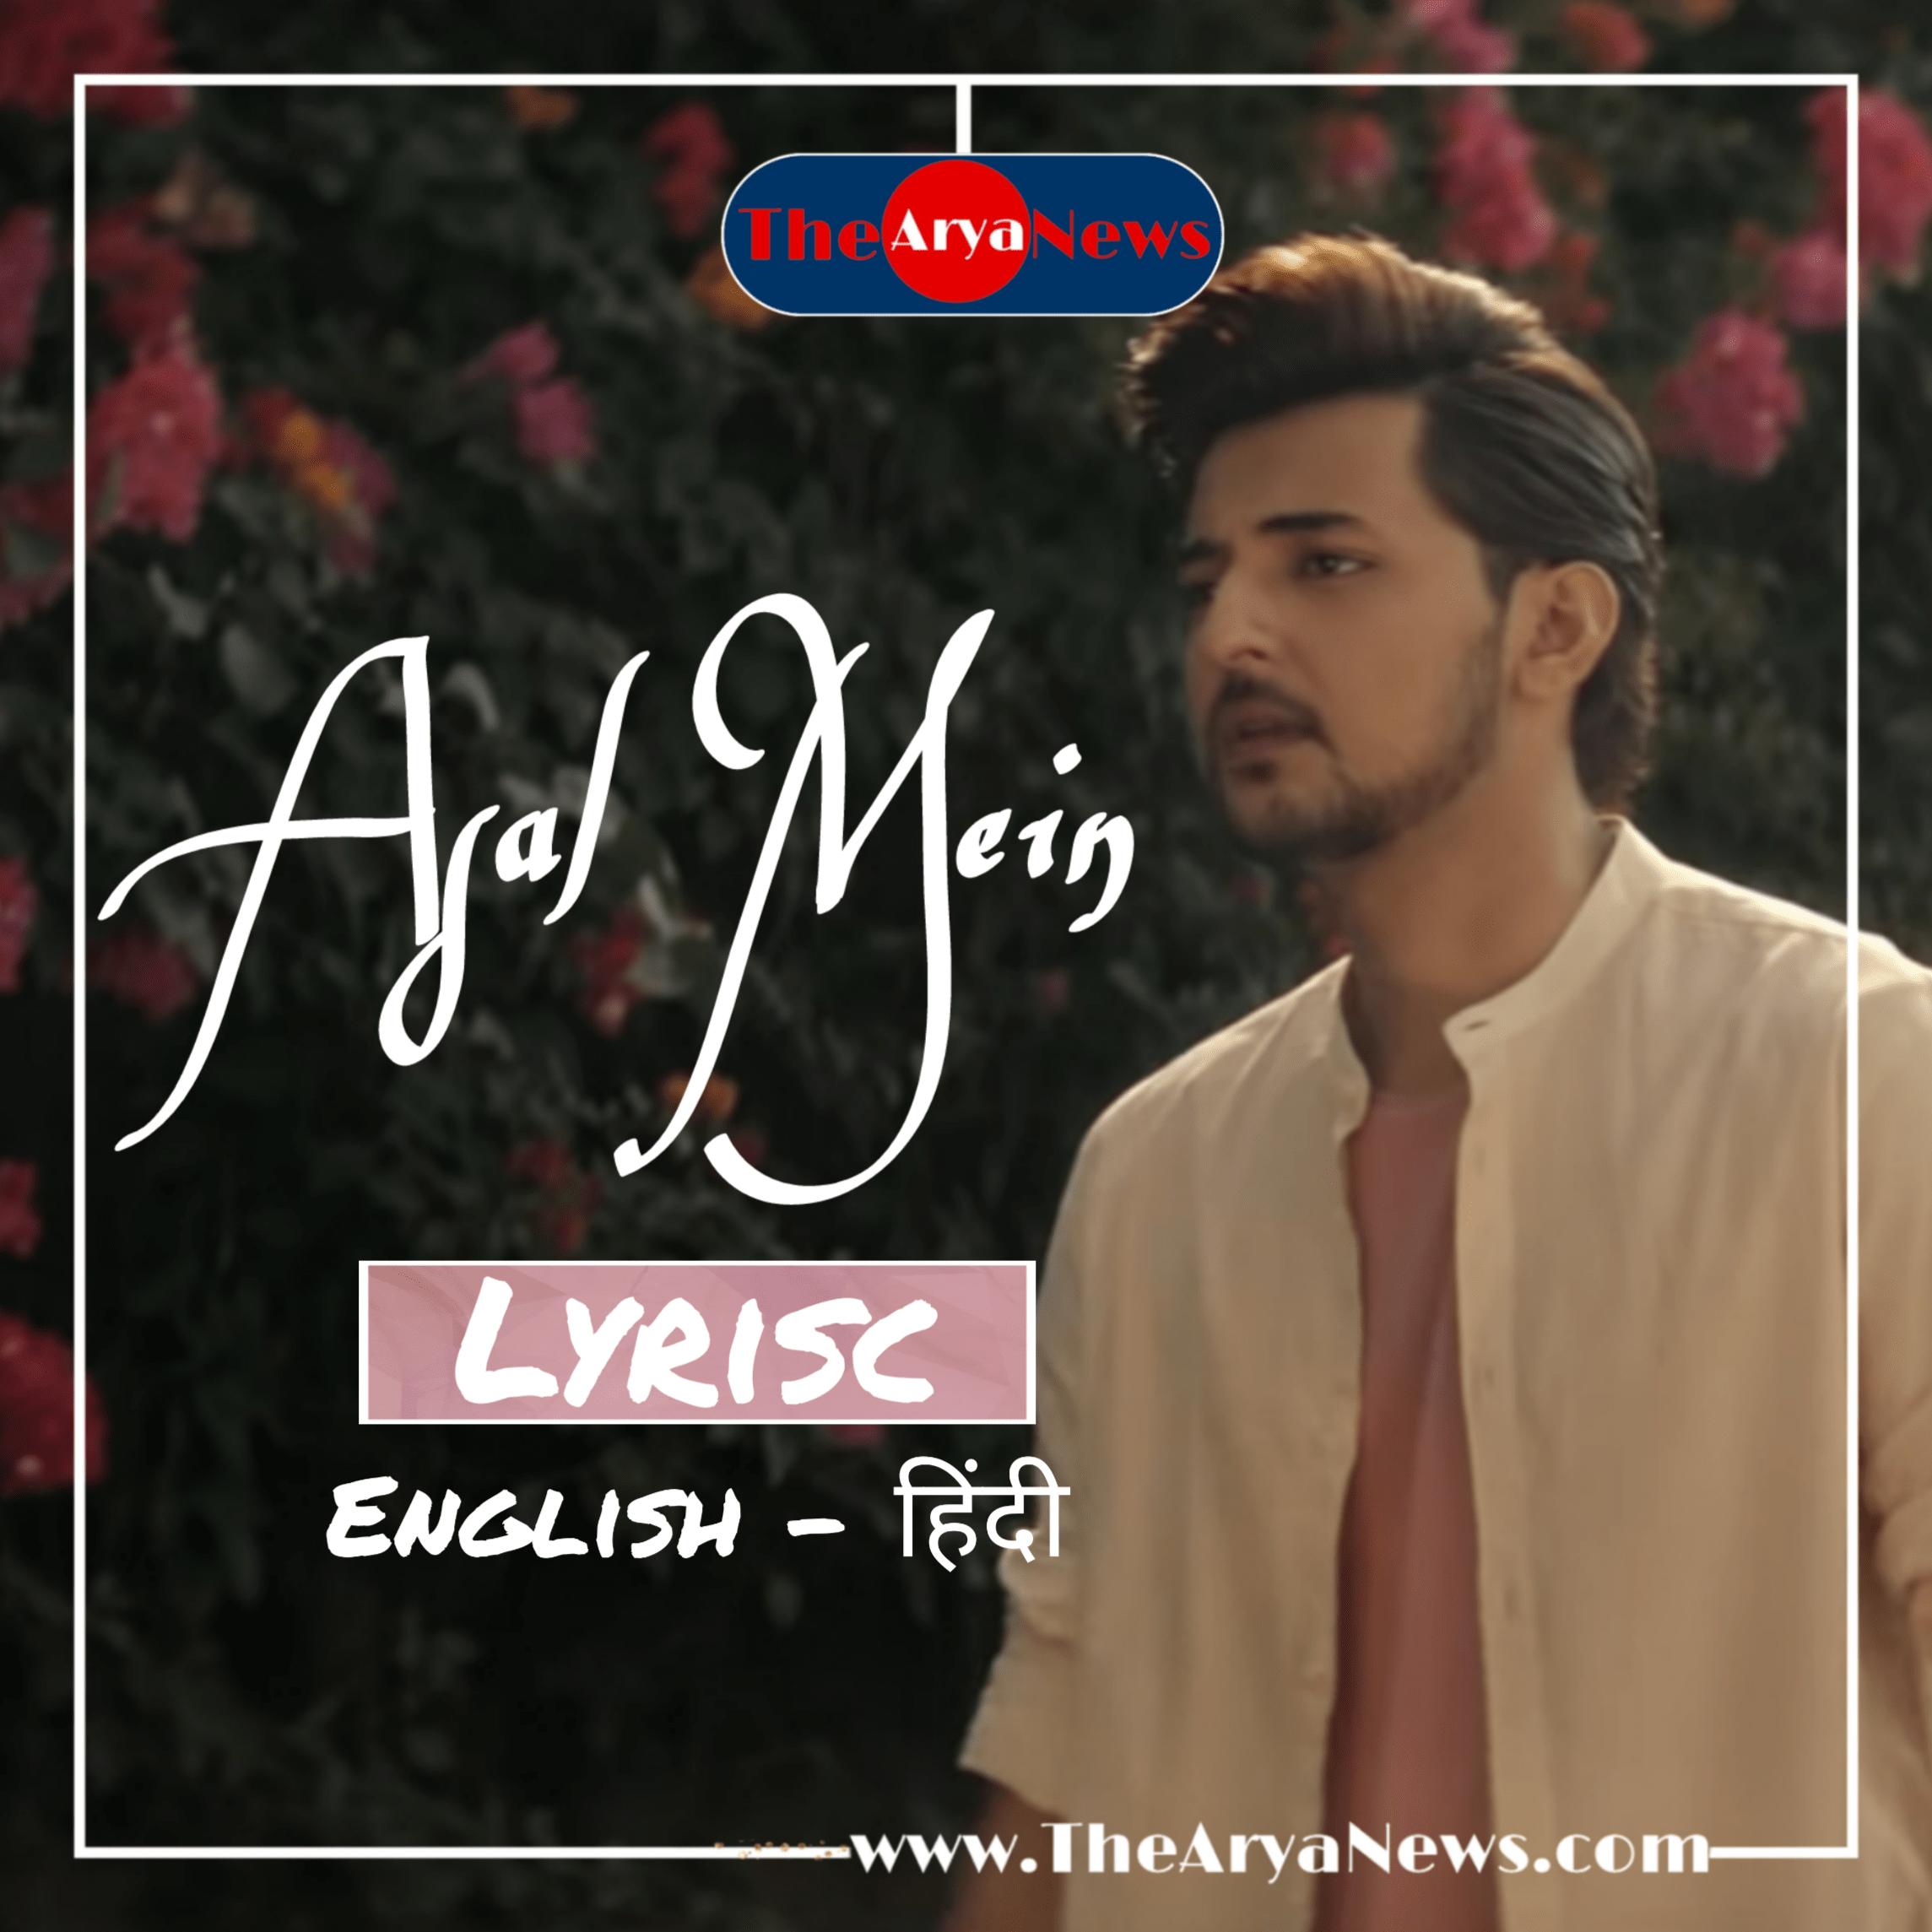 Asal Mein Tum Nahi Ho Mere - Lyrics - Darshan Rawal Song (English, Hindi)